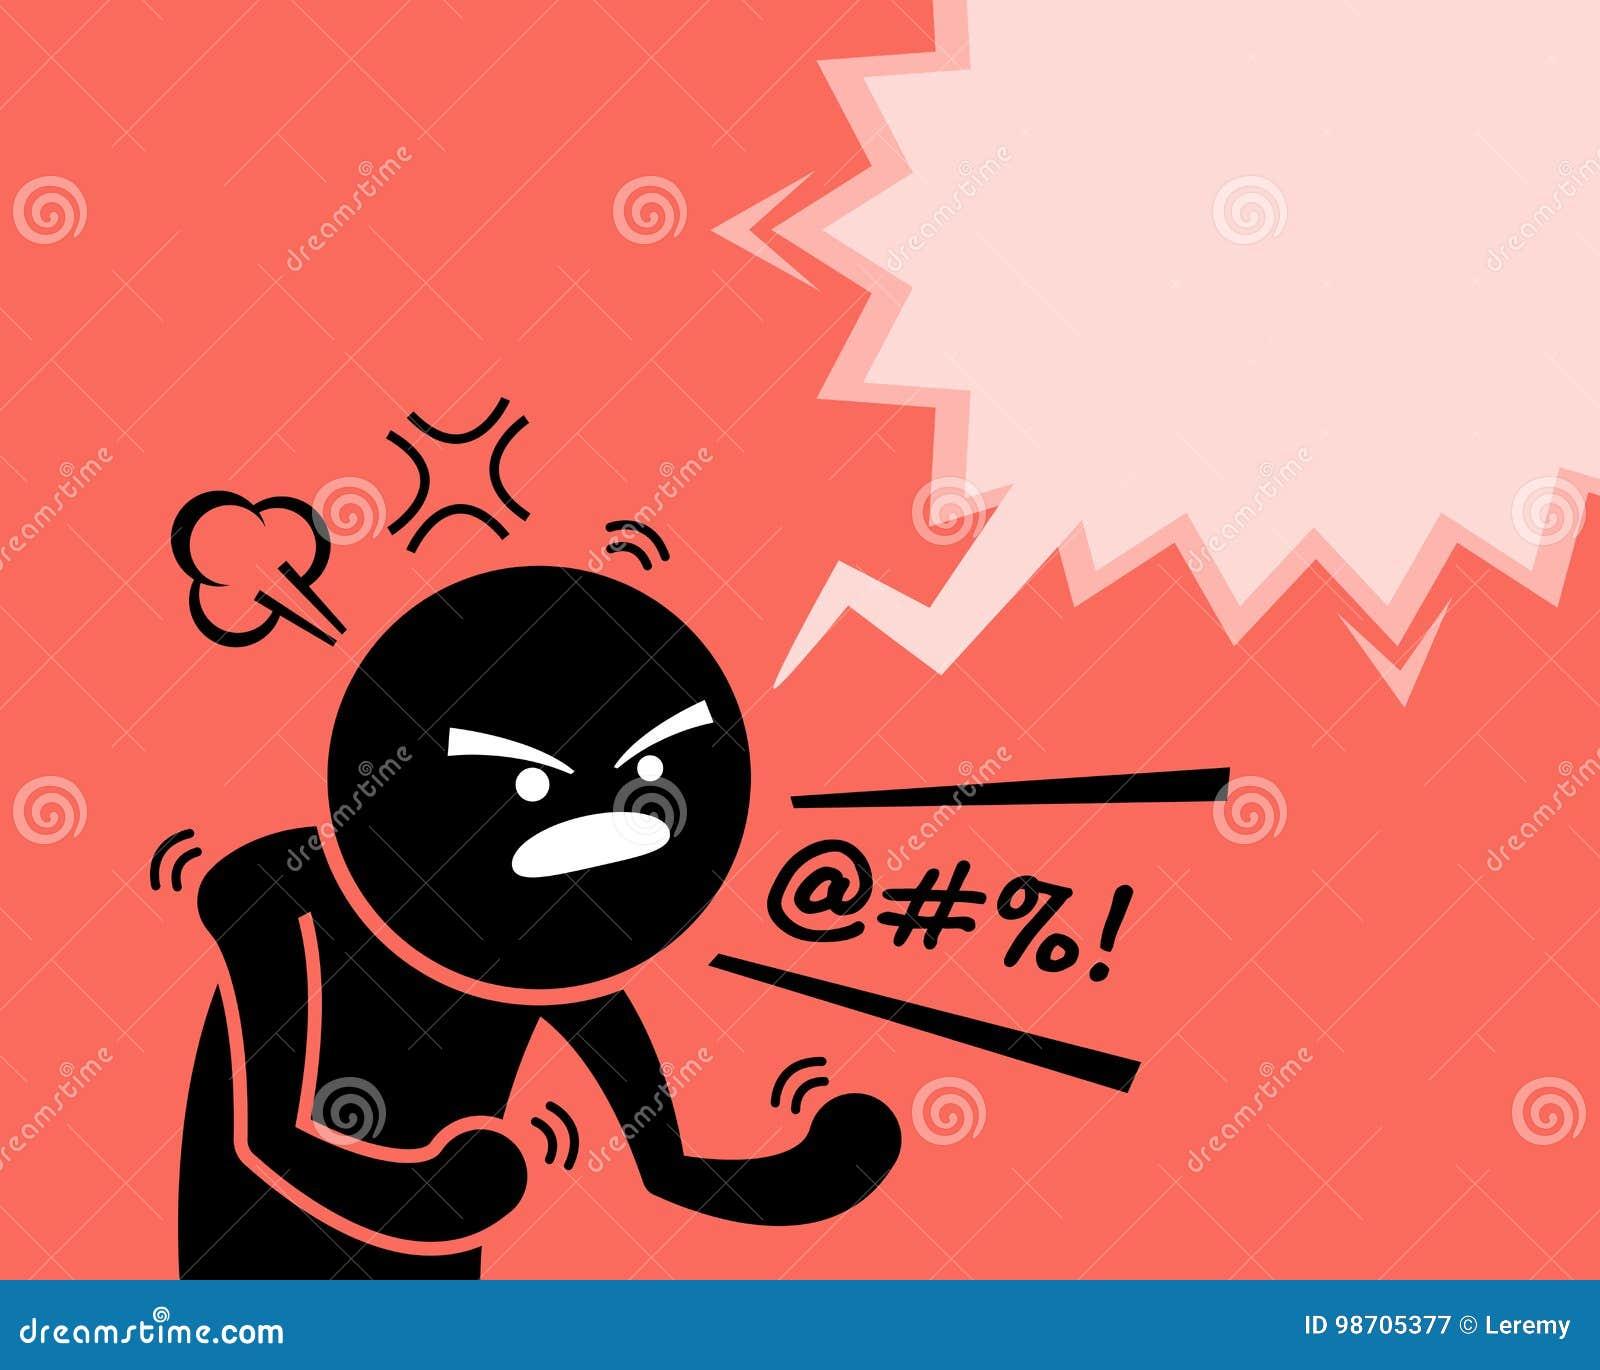 Un uomo molto arrabbiato che esprime la sue rabbia, collera ed insoddisfazione chiedendo perché